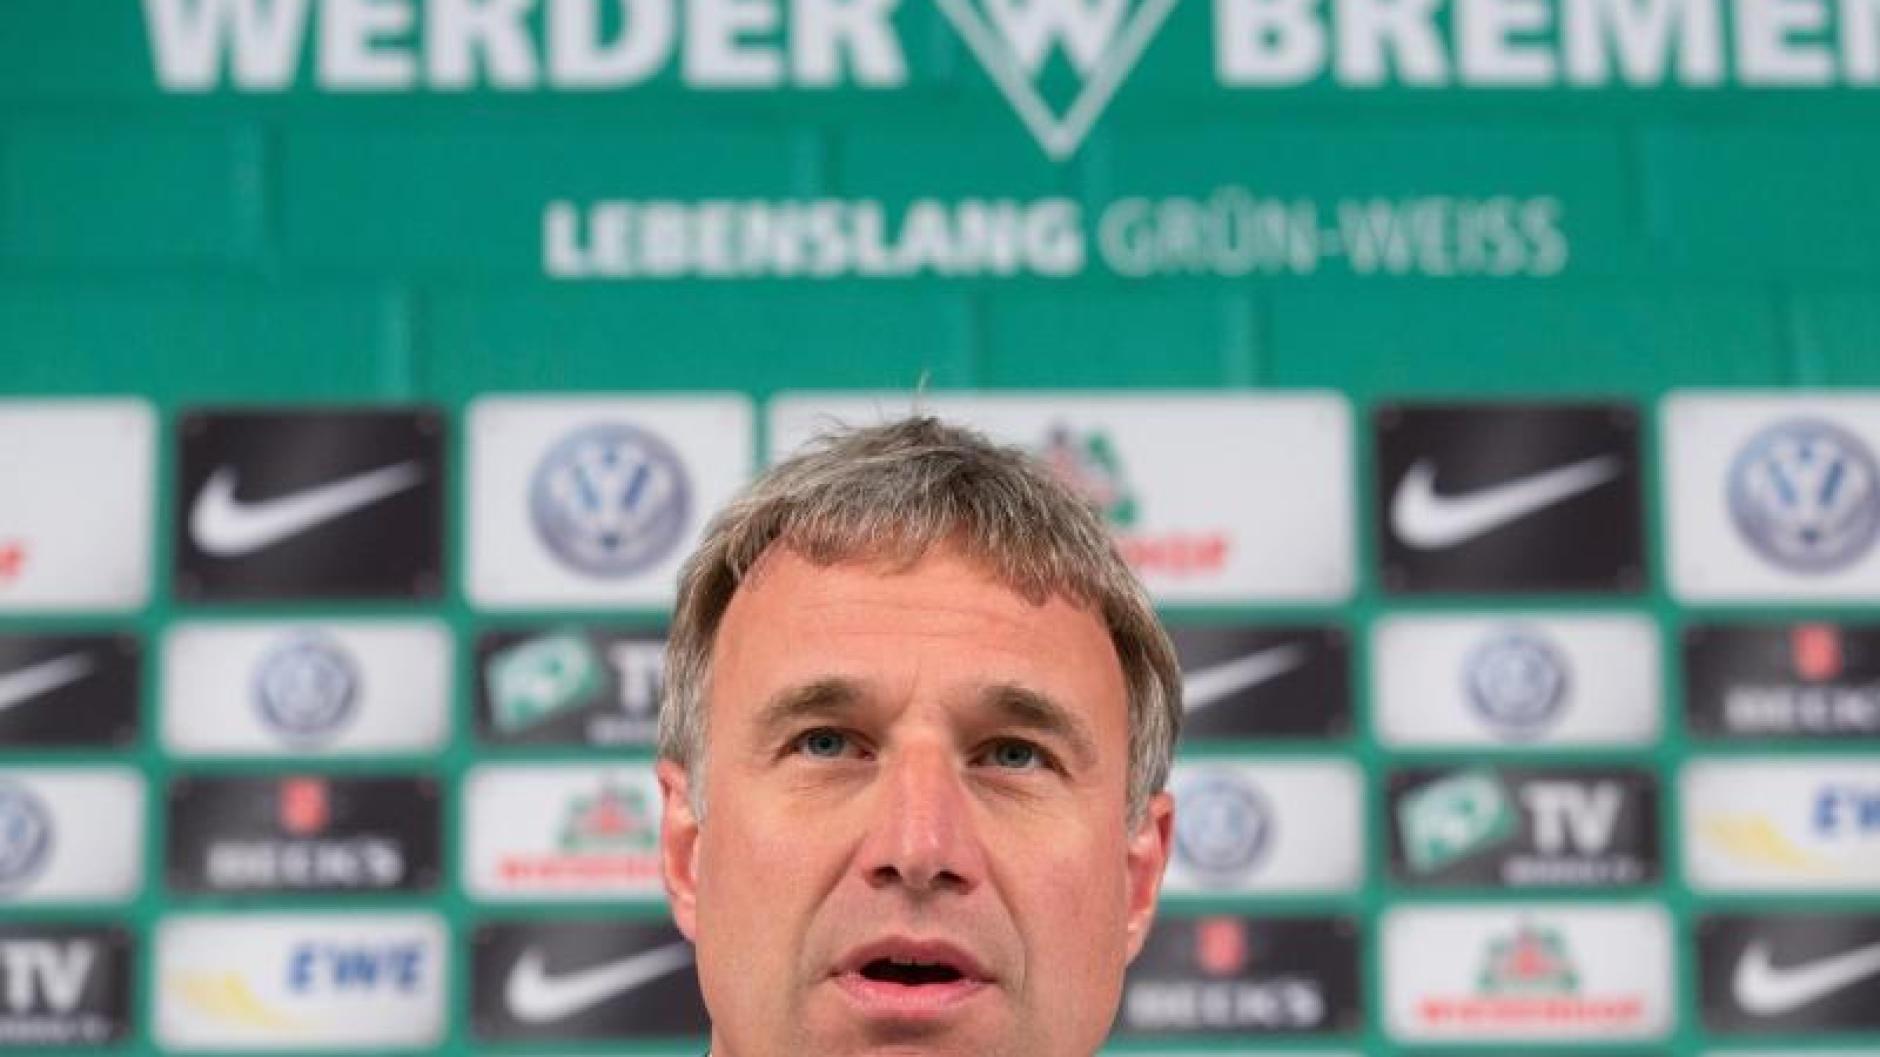 Weser Kurier Werder Bremen